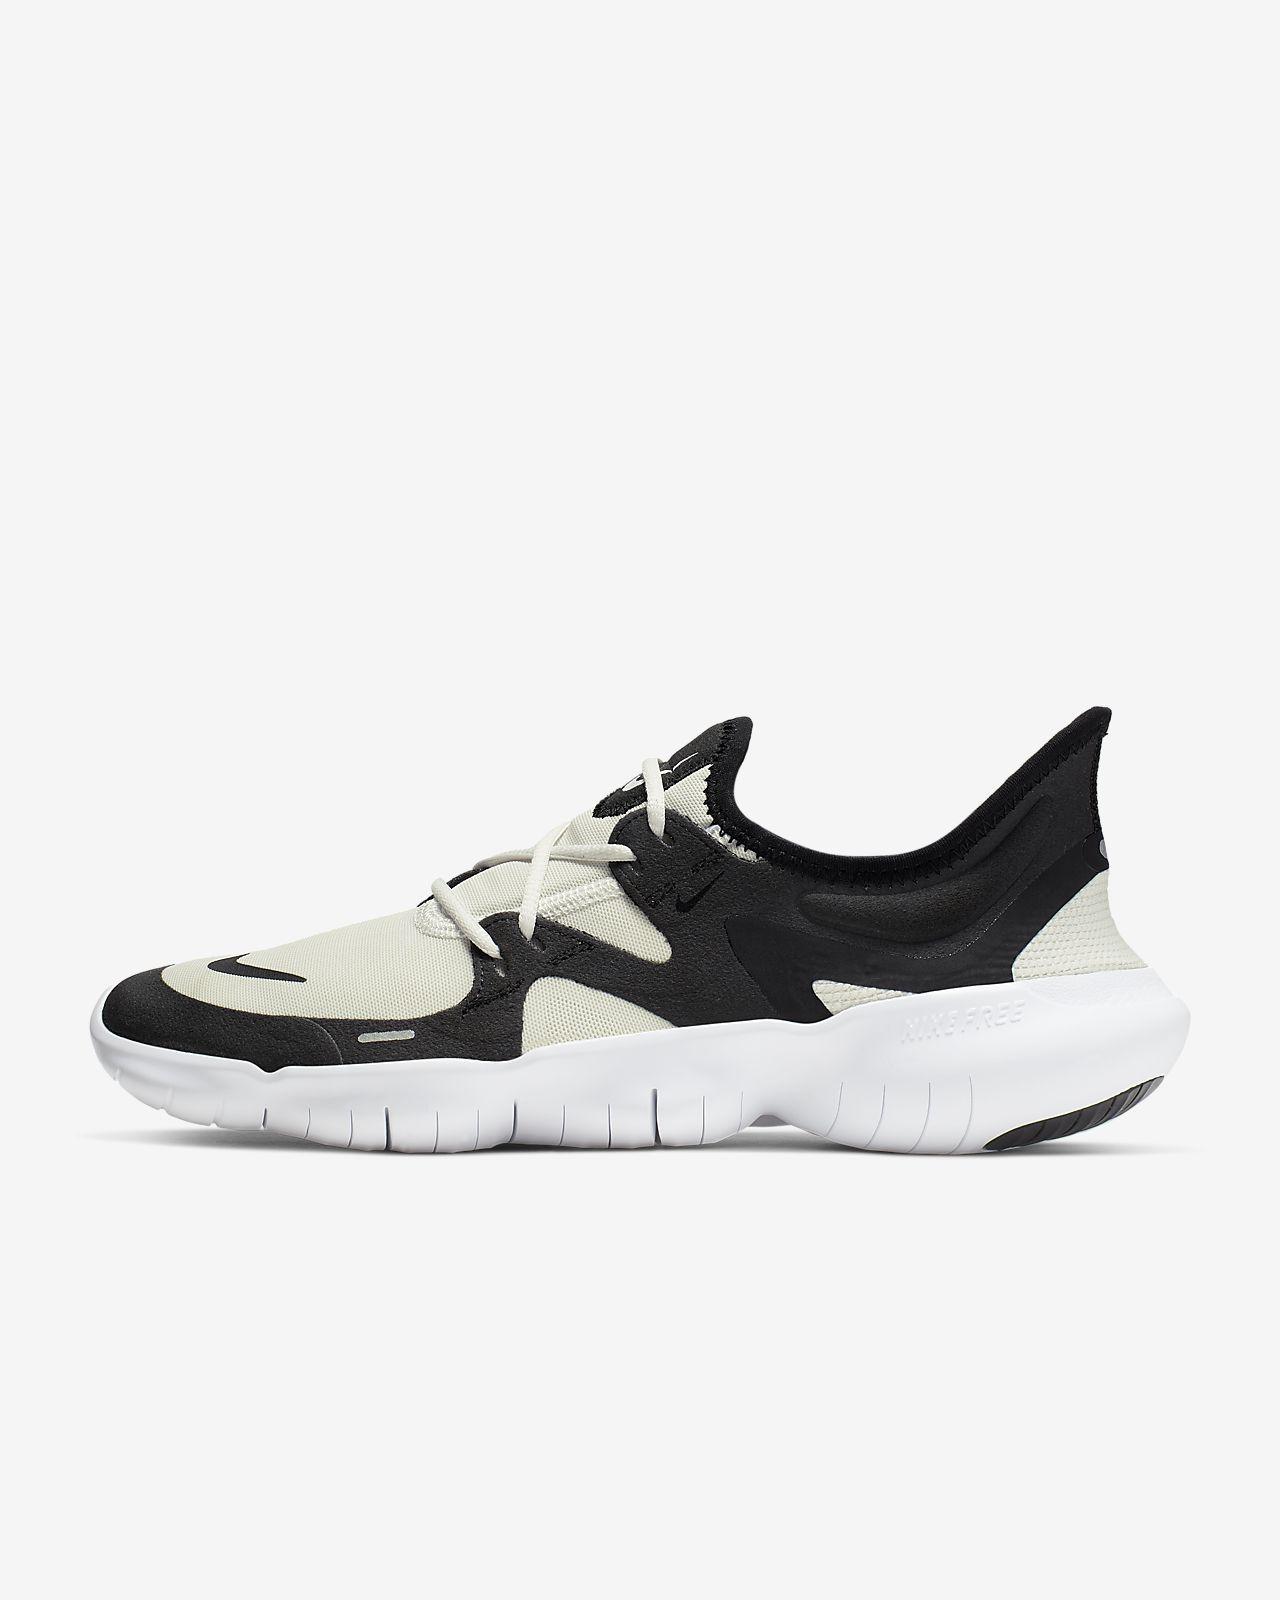 Qmsuvzp 5 Rn Donnach Scarpa Free Running Da 0 Nike WYHeD9IbE2